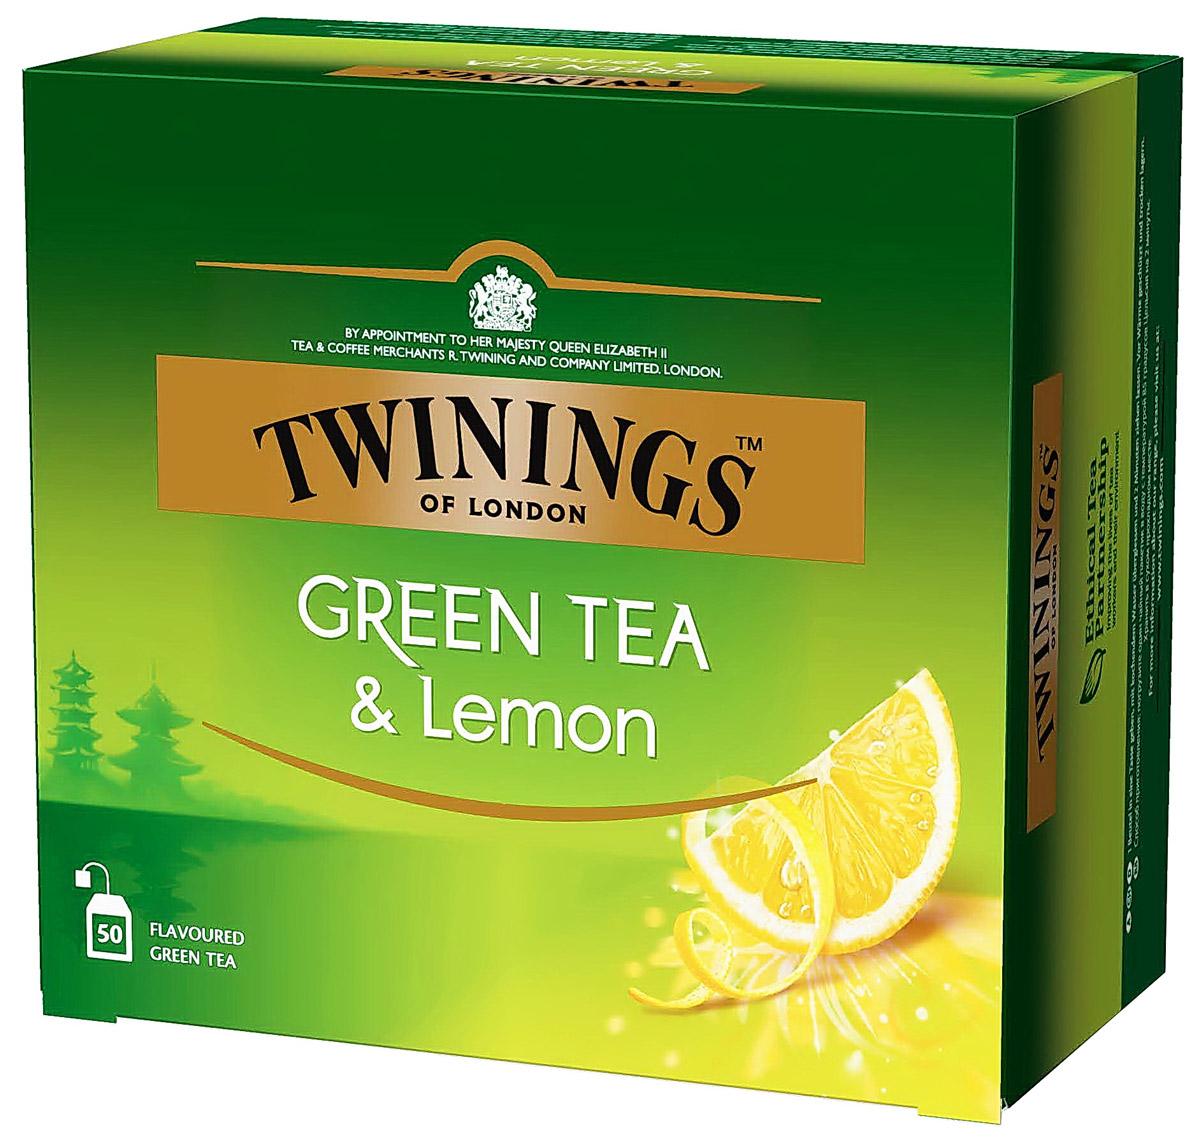 Twinings Green Tea & Lemon зеленый чай с цедрой лимона в пакетиках, 50 шт lipton lemon melissa green tea зеленый чай в пирамидках с листочками лимонной мяты 20 шт